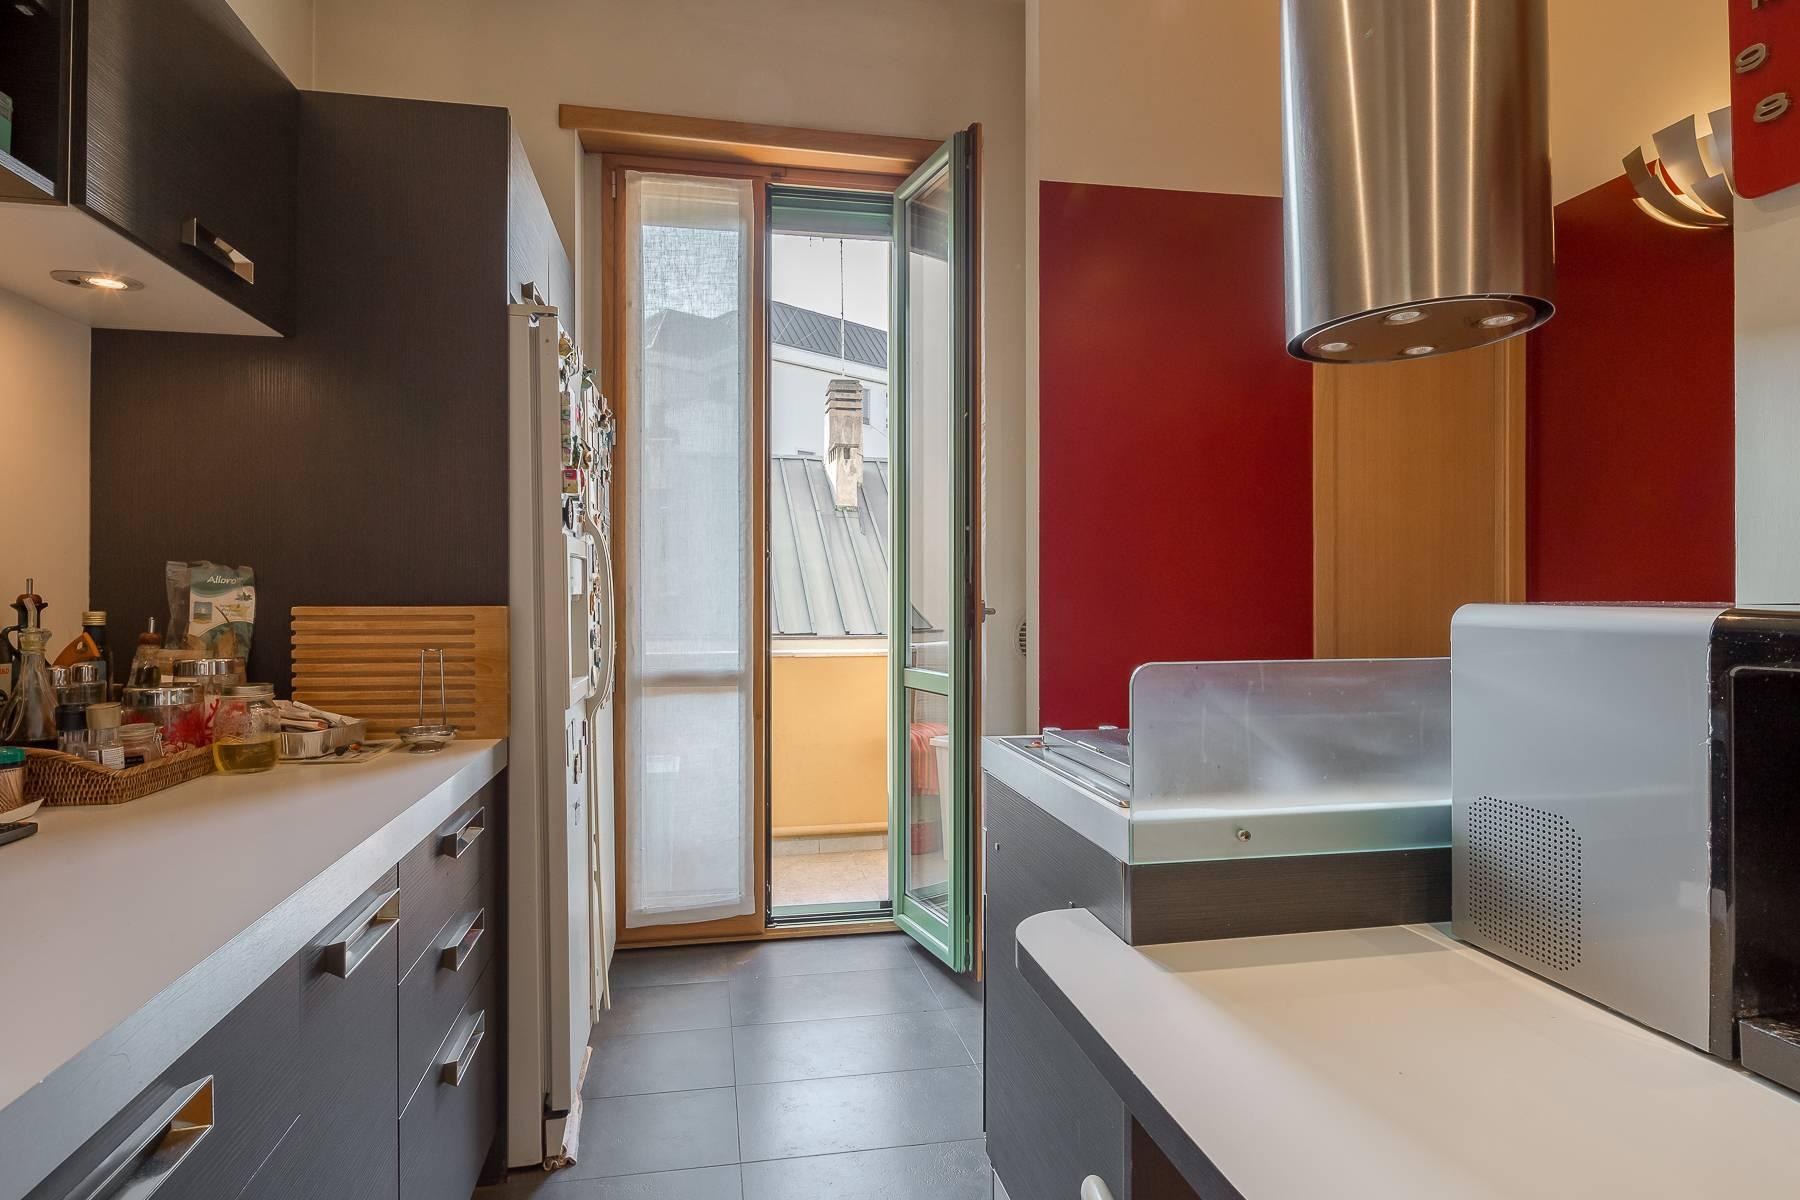 Appartement de style classique situé Via Besana - 17